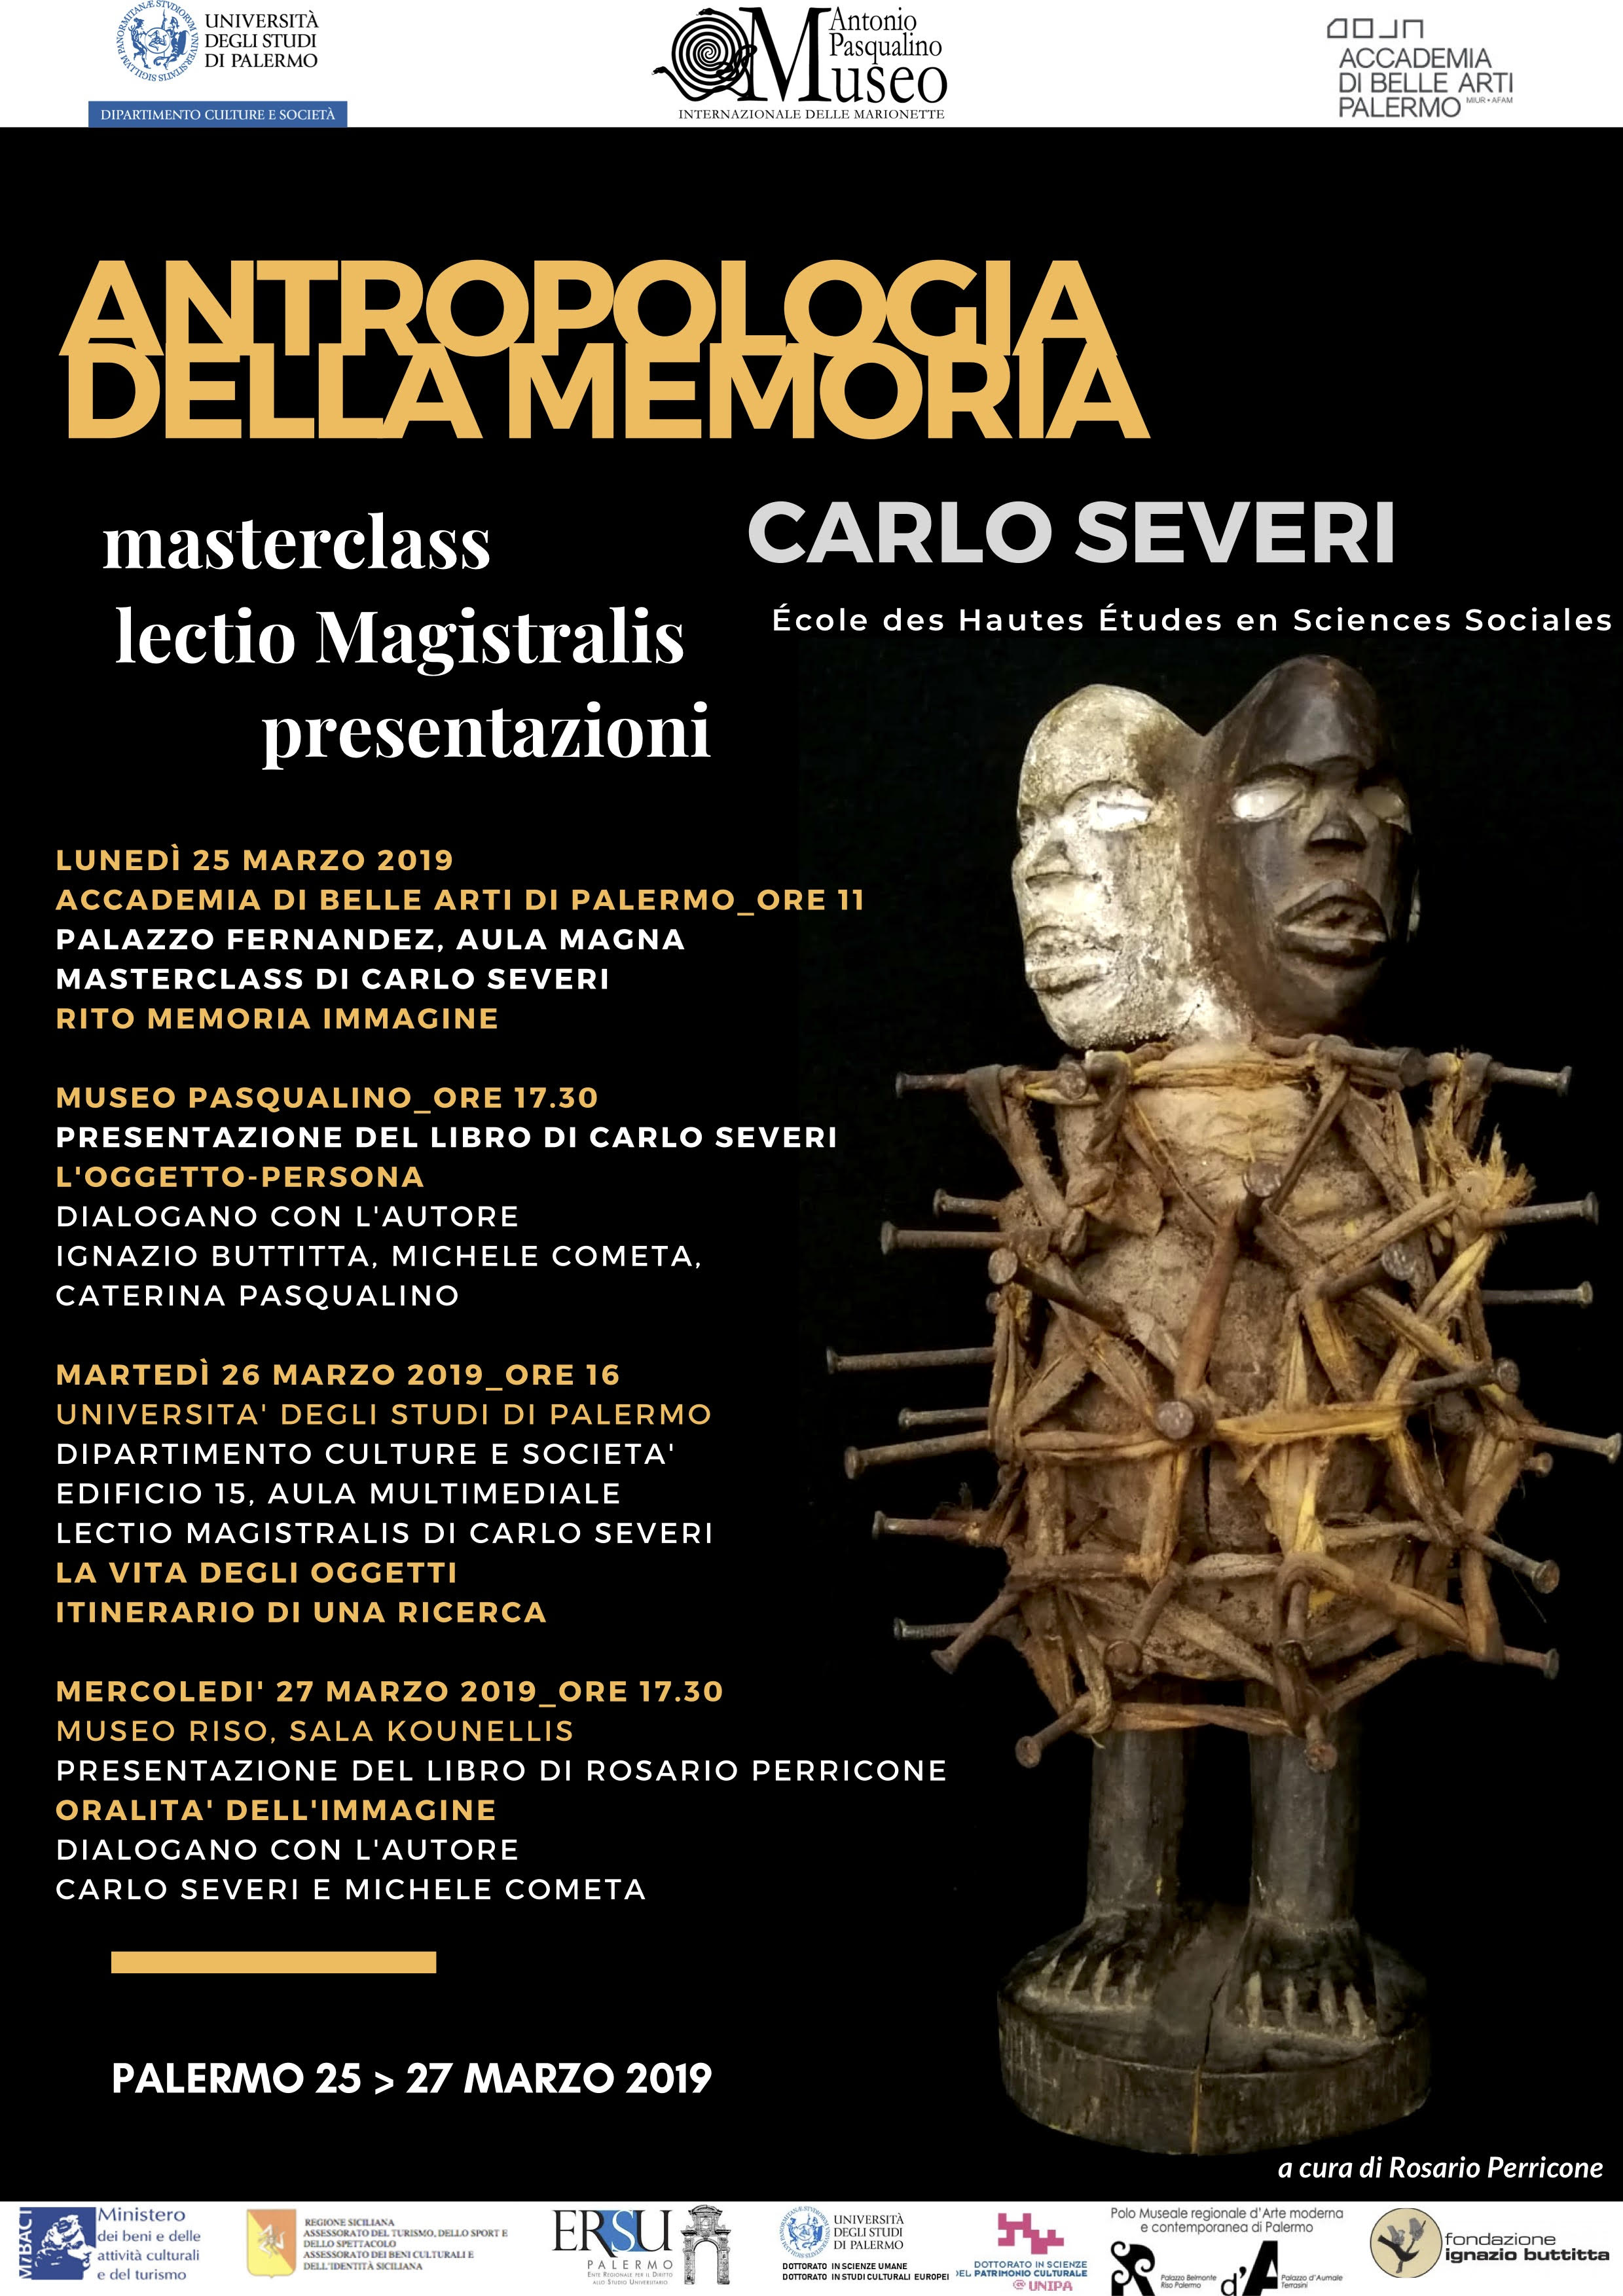 2019_Antropologia_della_memoria_generale.jpg - 780.21 kB